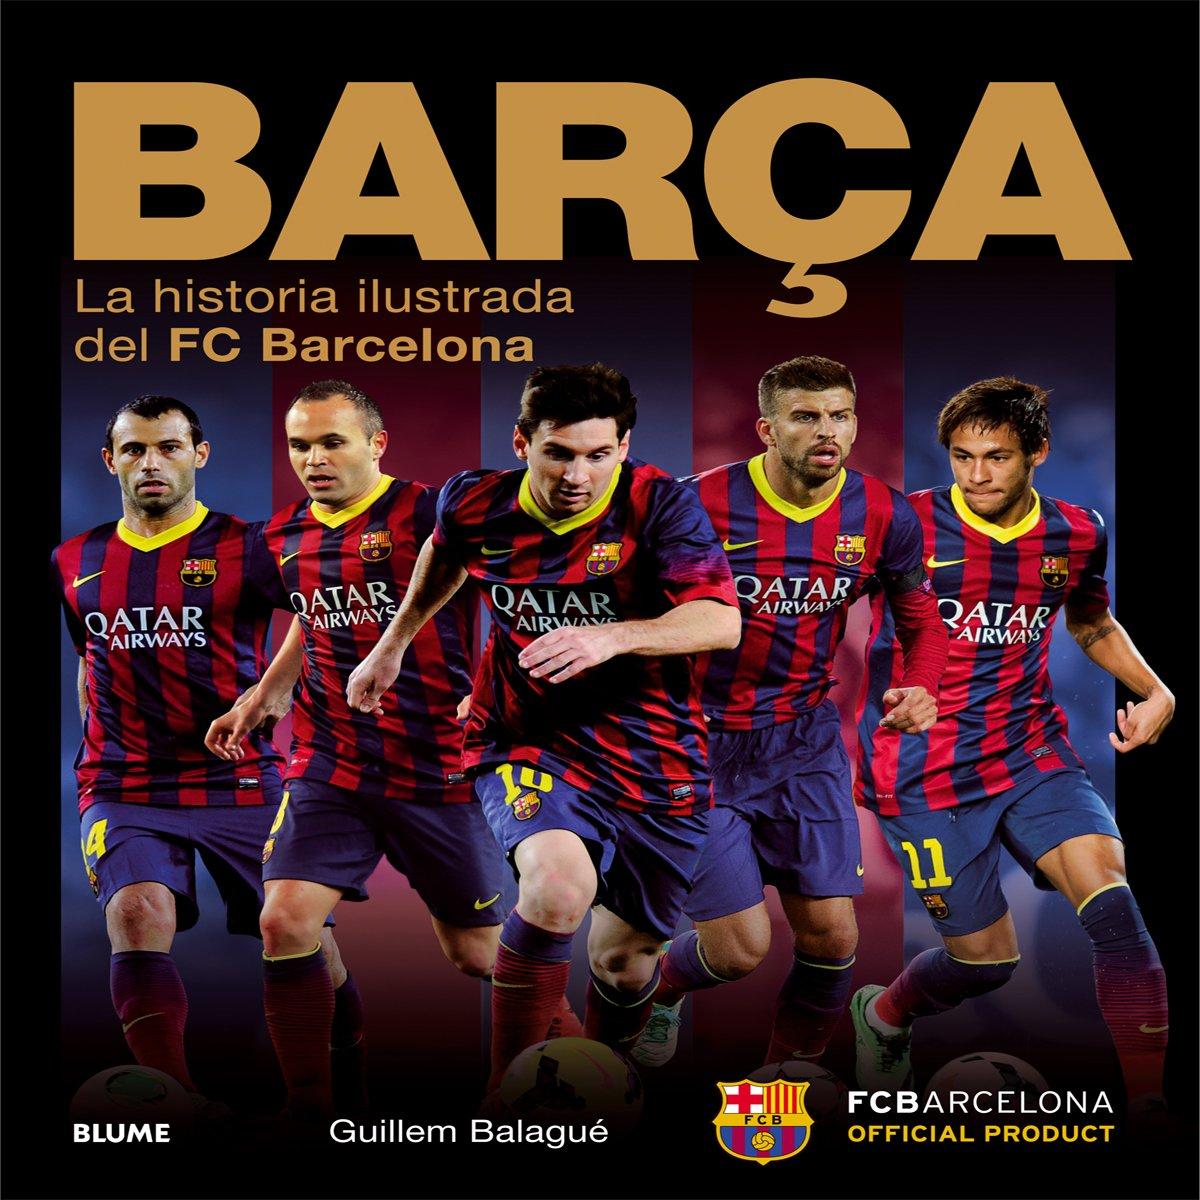 Barça  La historia ilustrada del FC Barcelona  Amazon.es  Guillem Balagué 13832ef1169